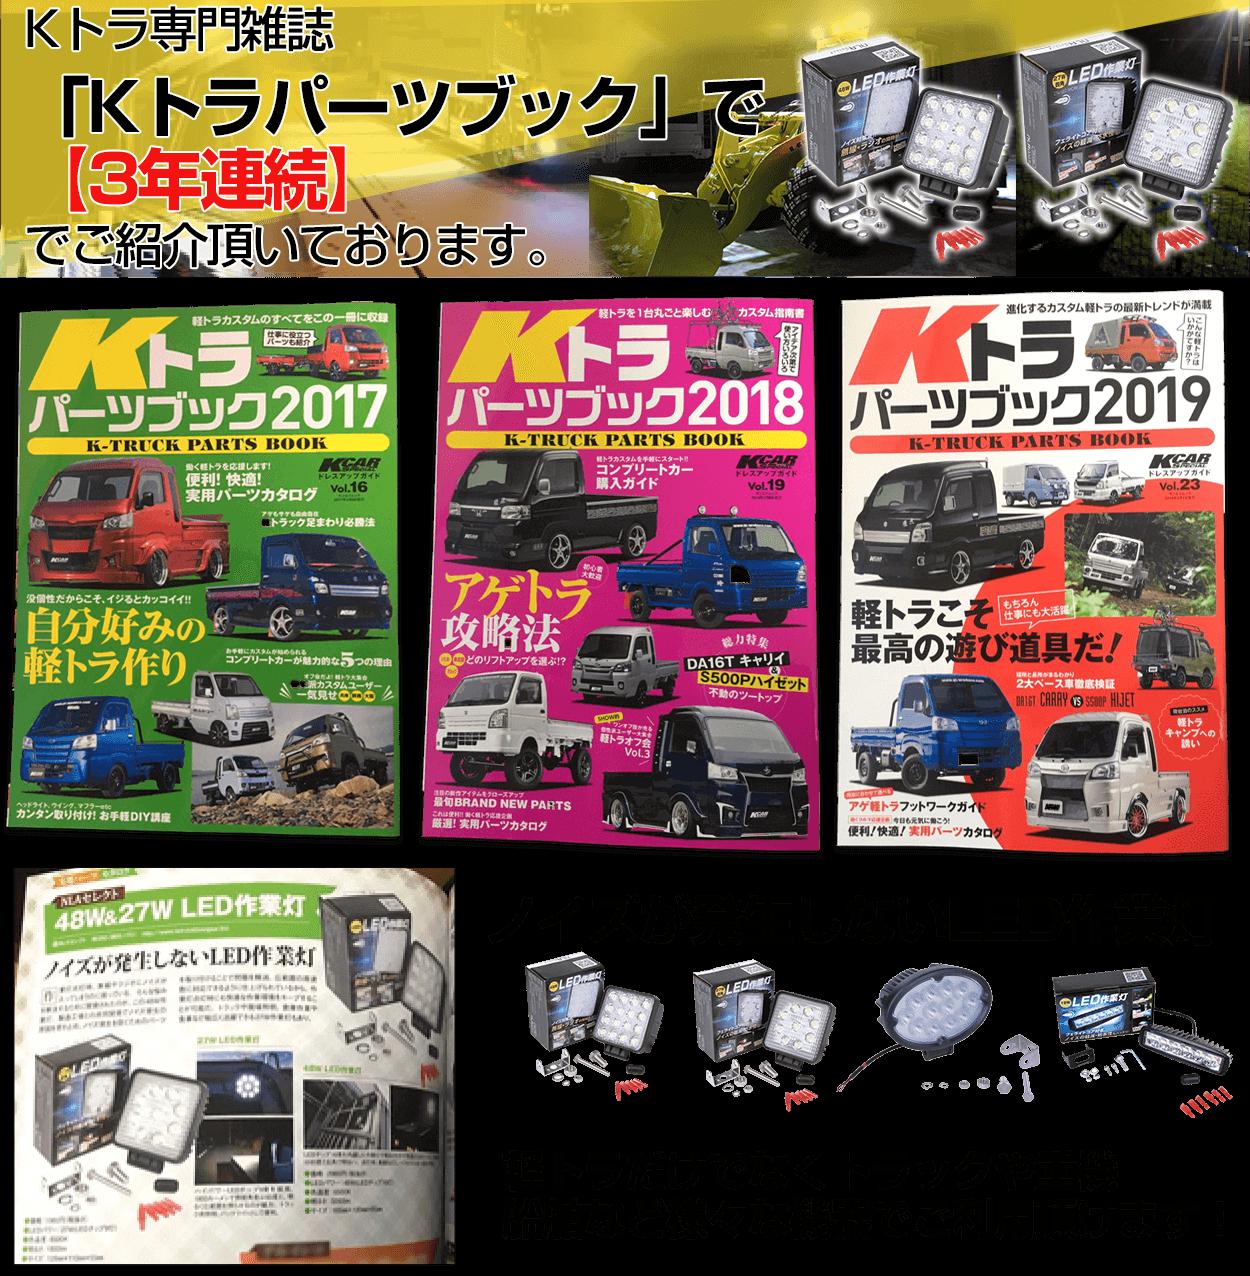 48W作業灯・雑誌掲載実績